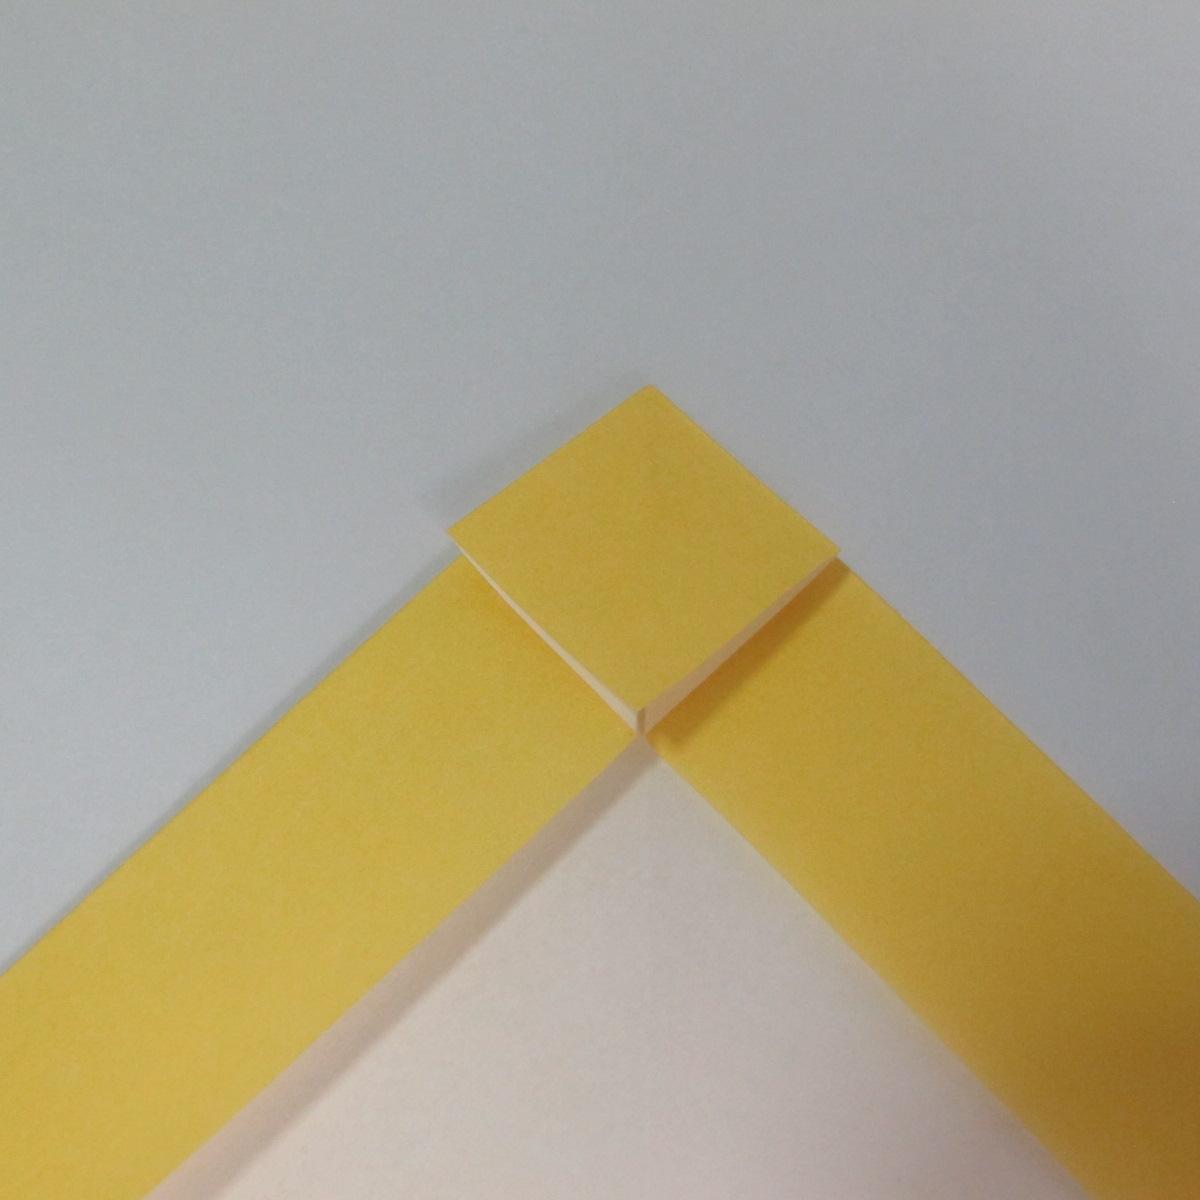 สอนวิธีพับกระดาษเป็นรูปลูกสุนัขยืนสองขา แบบของพอล ฟราสโก้ (Down Boy Dog Origami) 017